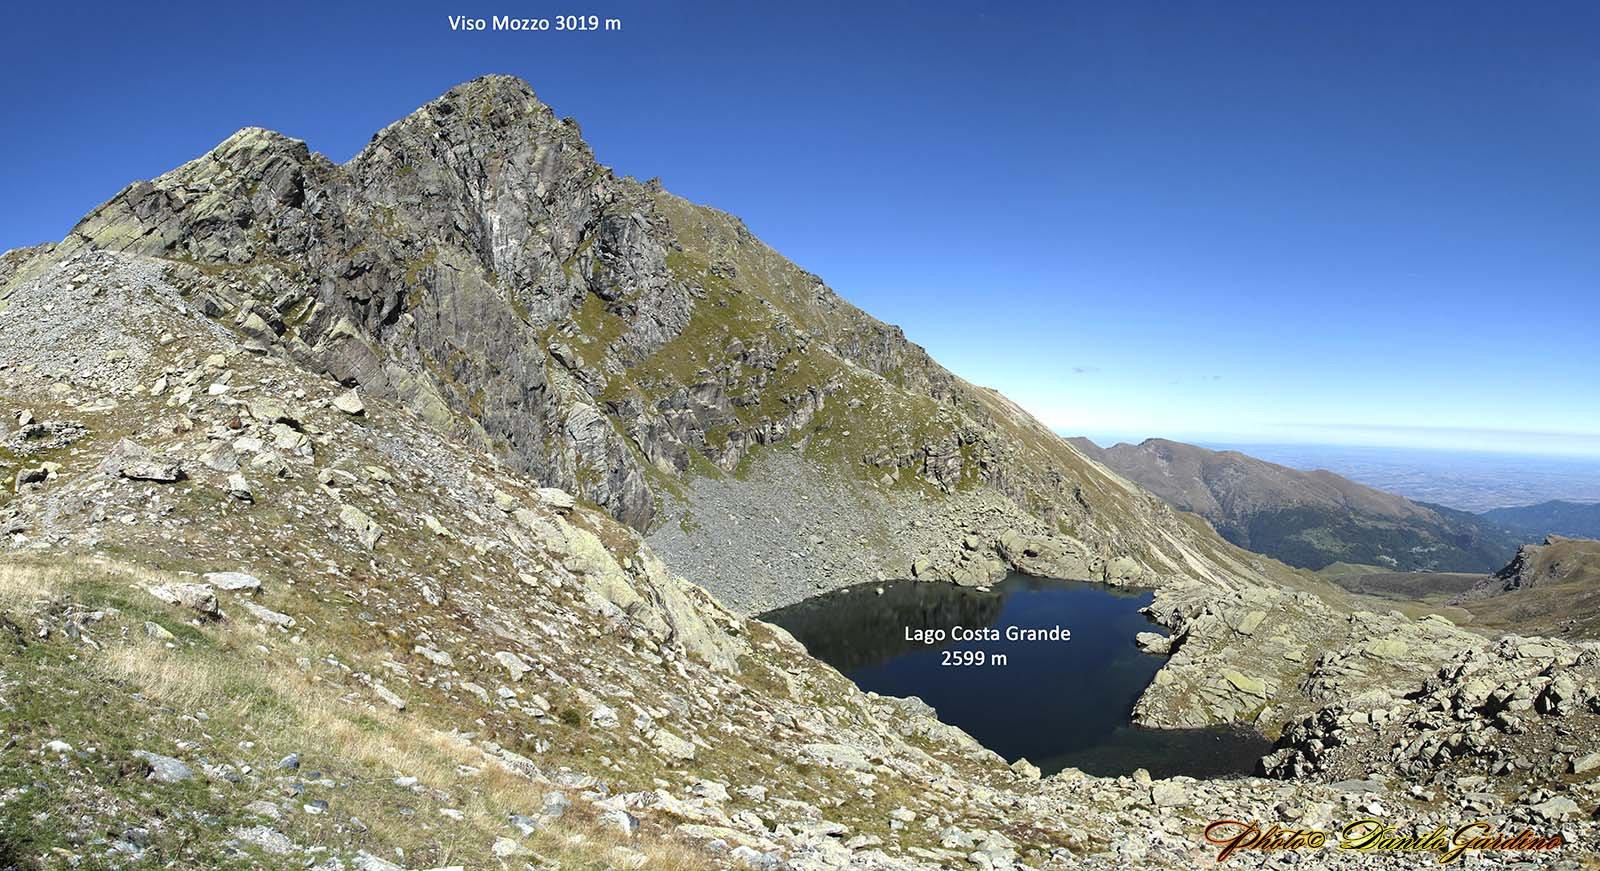 Dal Rifugio Quintino Sella, una panoramica sul Viso Mozzo e il Lago Costa Grande